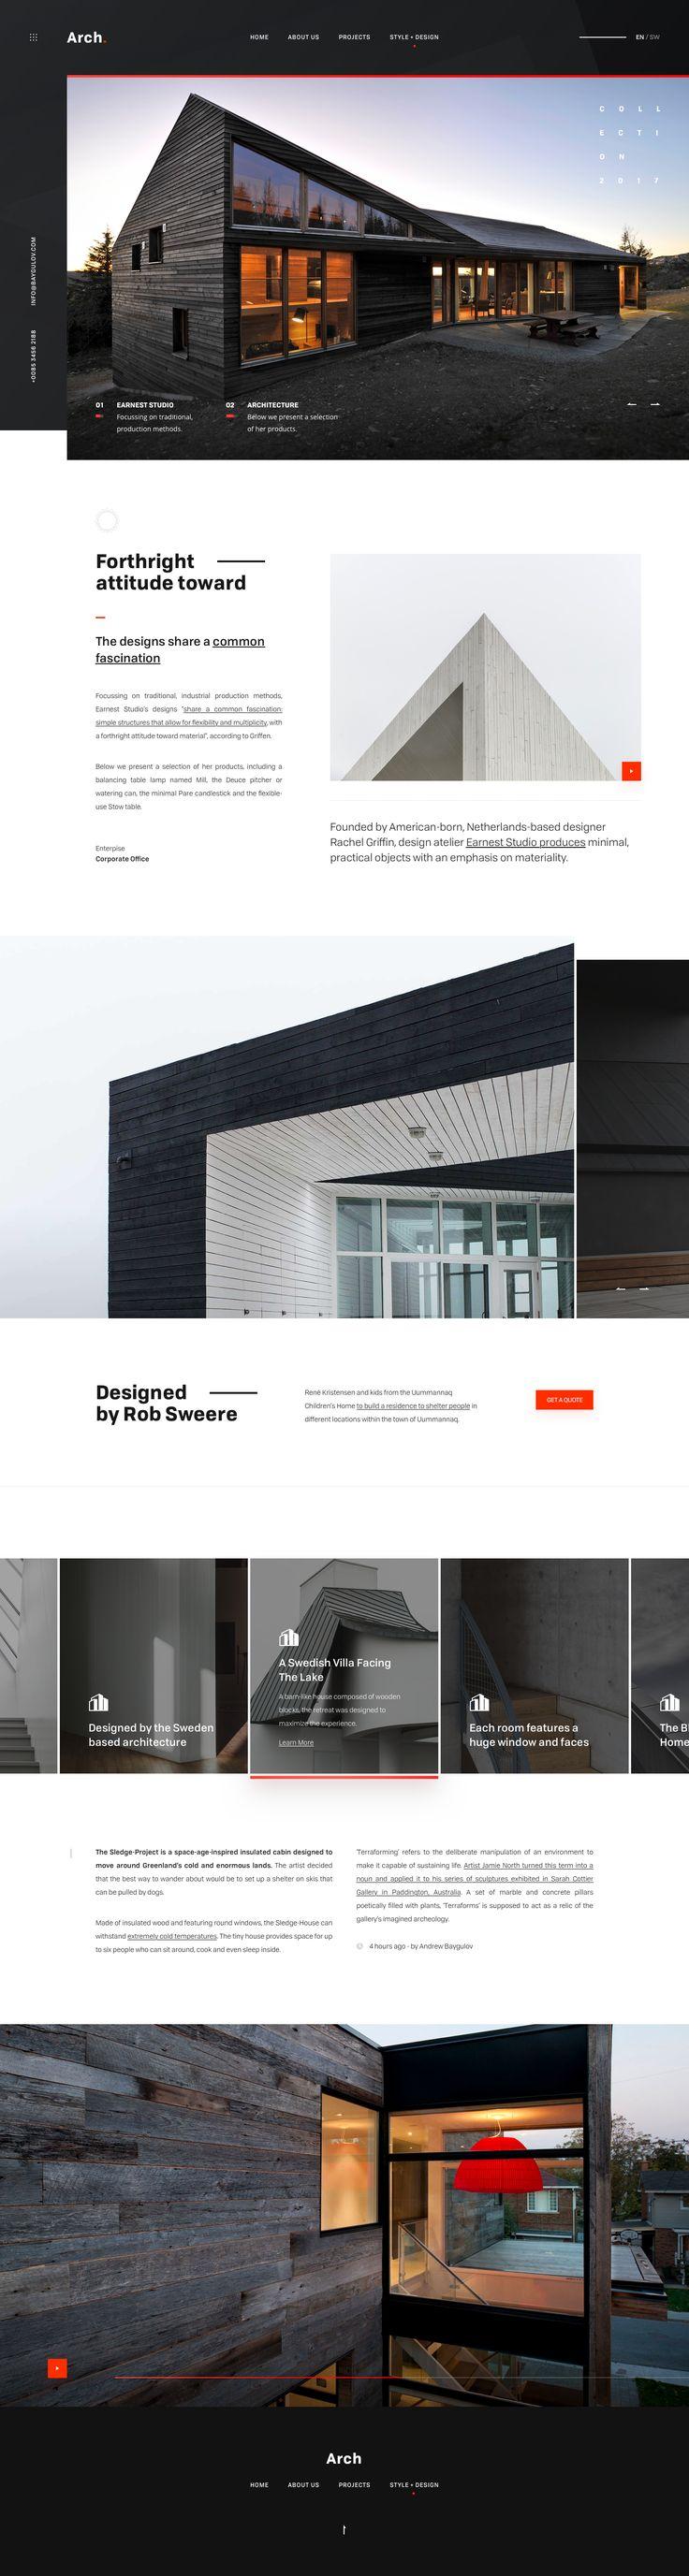 485 best Web design images on Pinterest | Design websites, Site ...